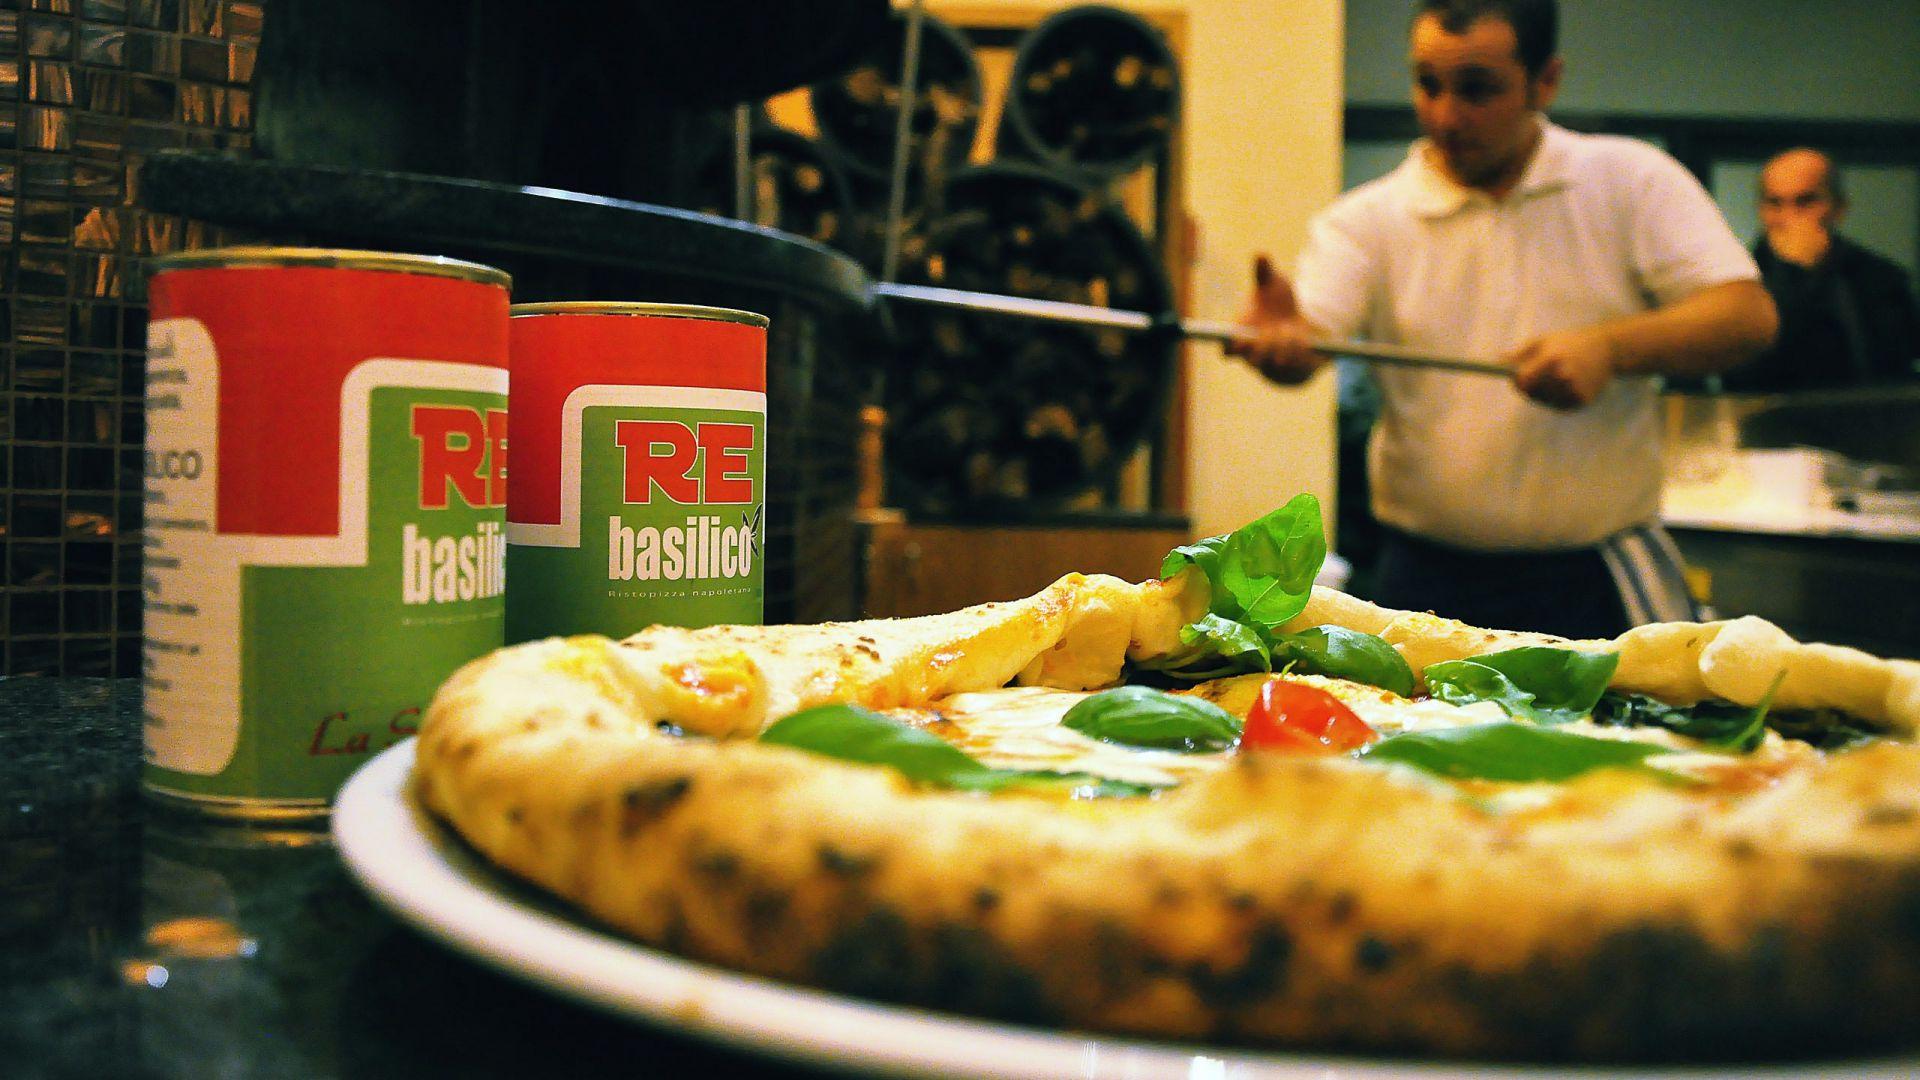 oc-casali-roma-ristorante-05